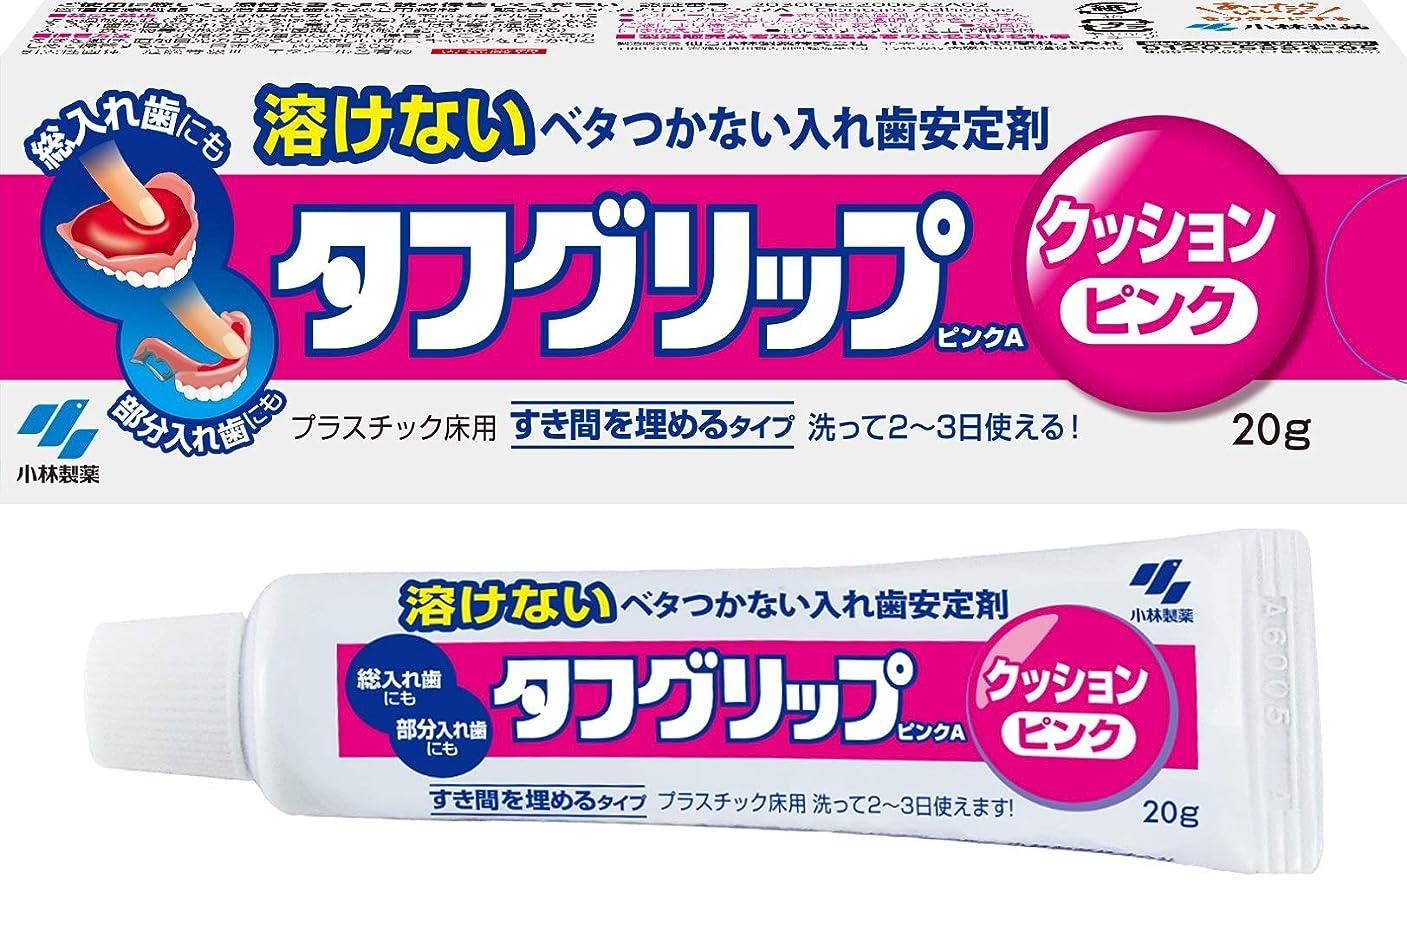 指定統治する咳タフグリップクッション ピンク 入れ歯安定剤(総入れ歯?部分入れ歯) 20g